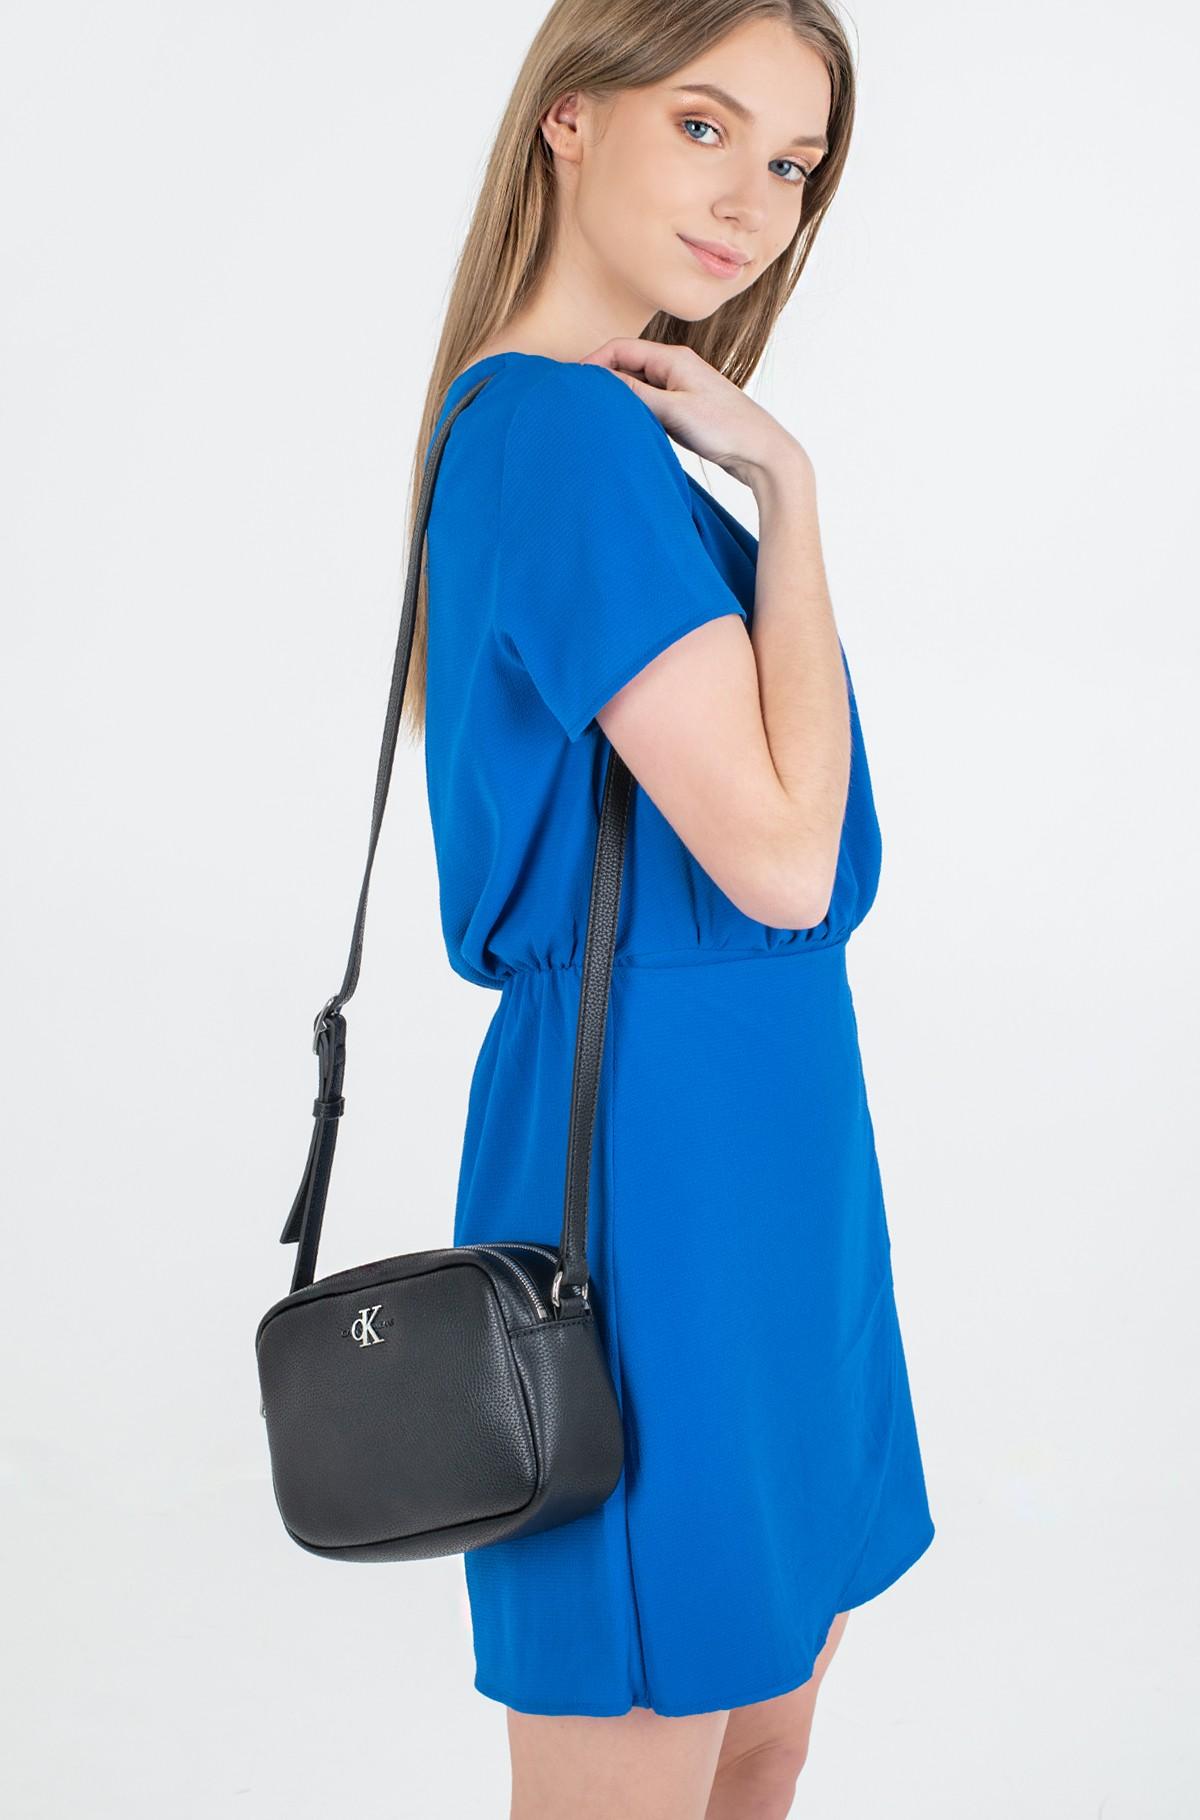 Shoulder bag DOUBLE ZIP CROSSBODY-full-1